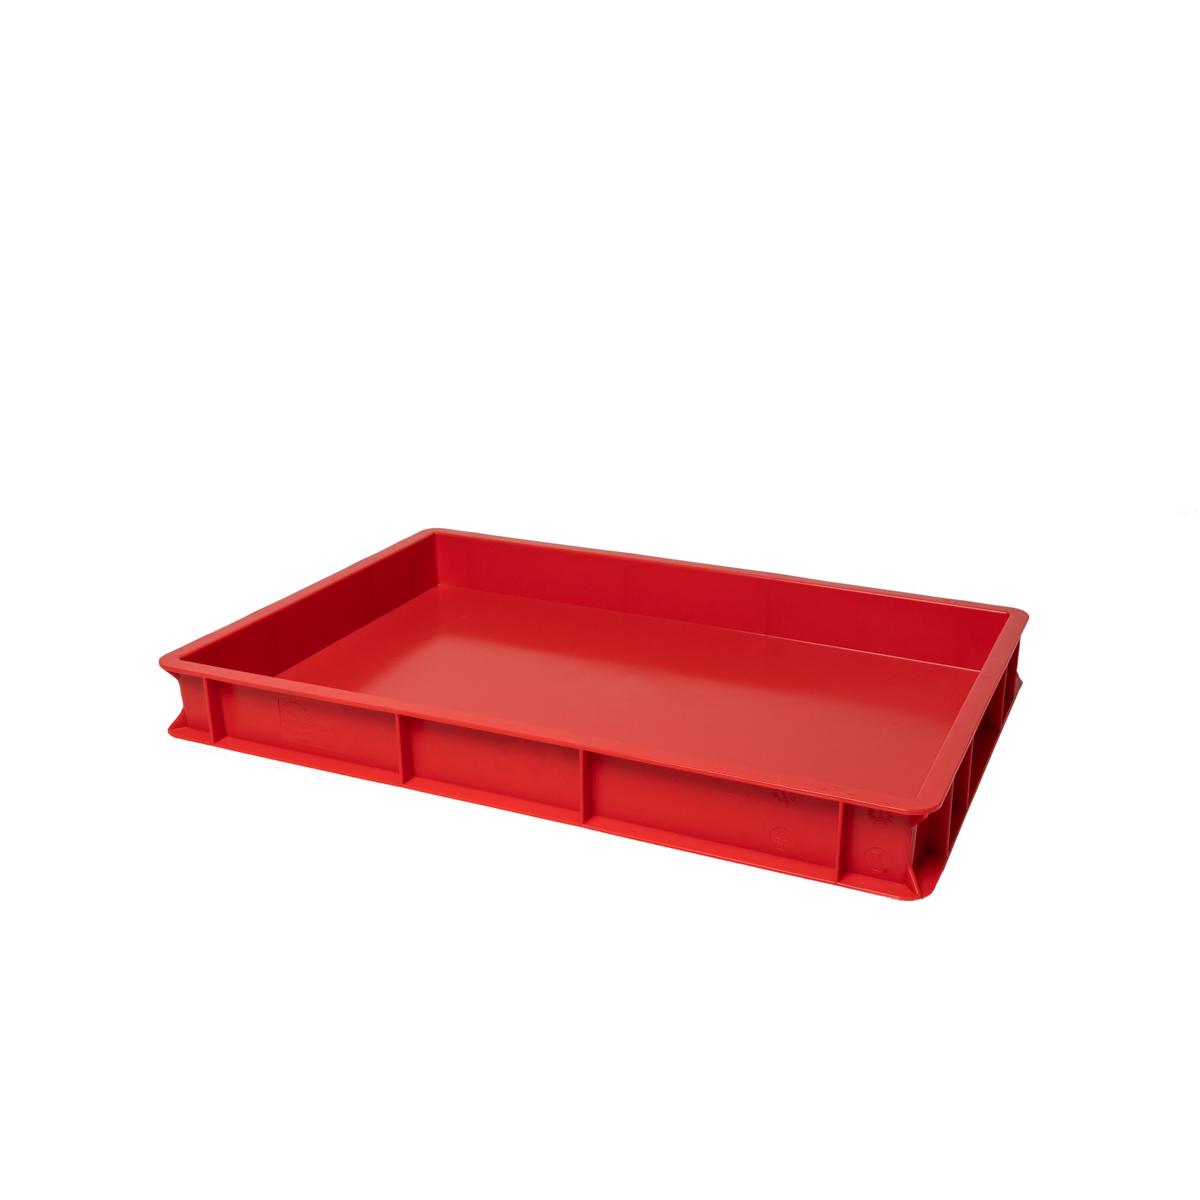 Röd deglåda (beställningsvara)